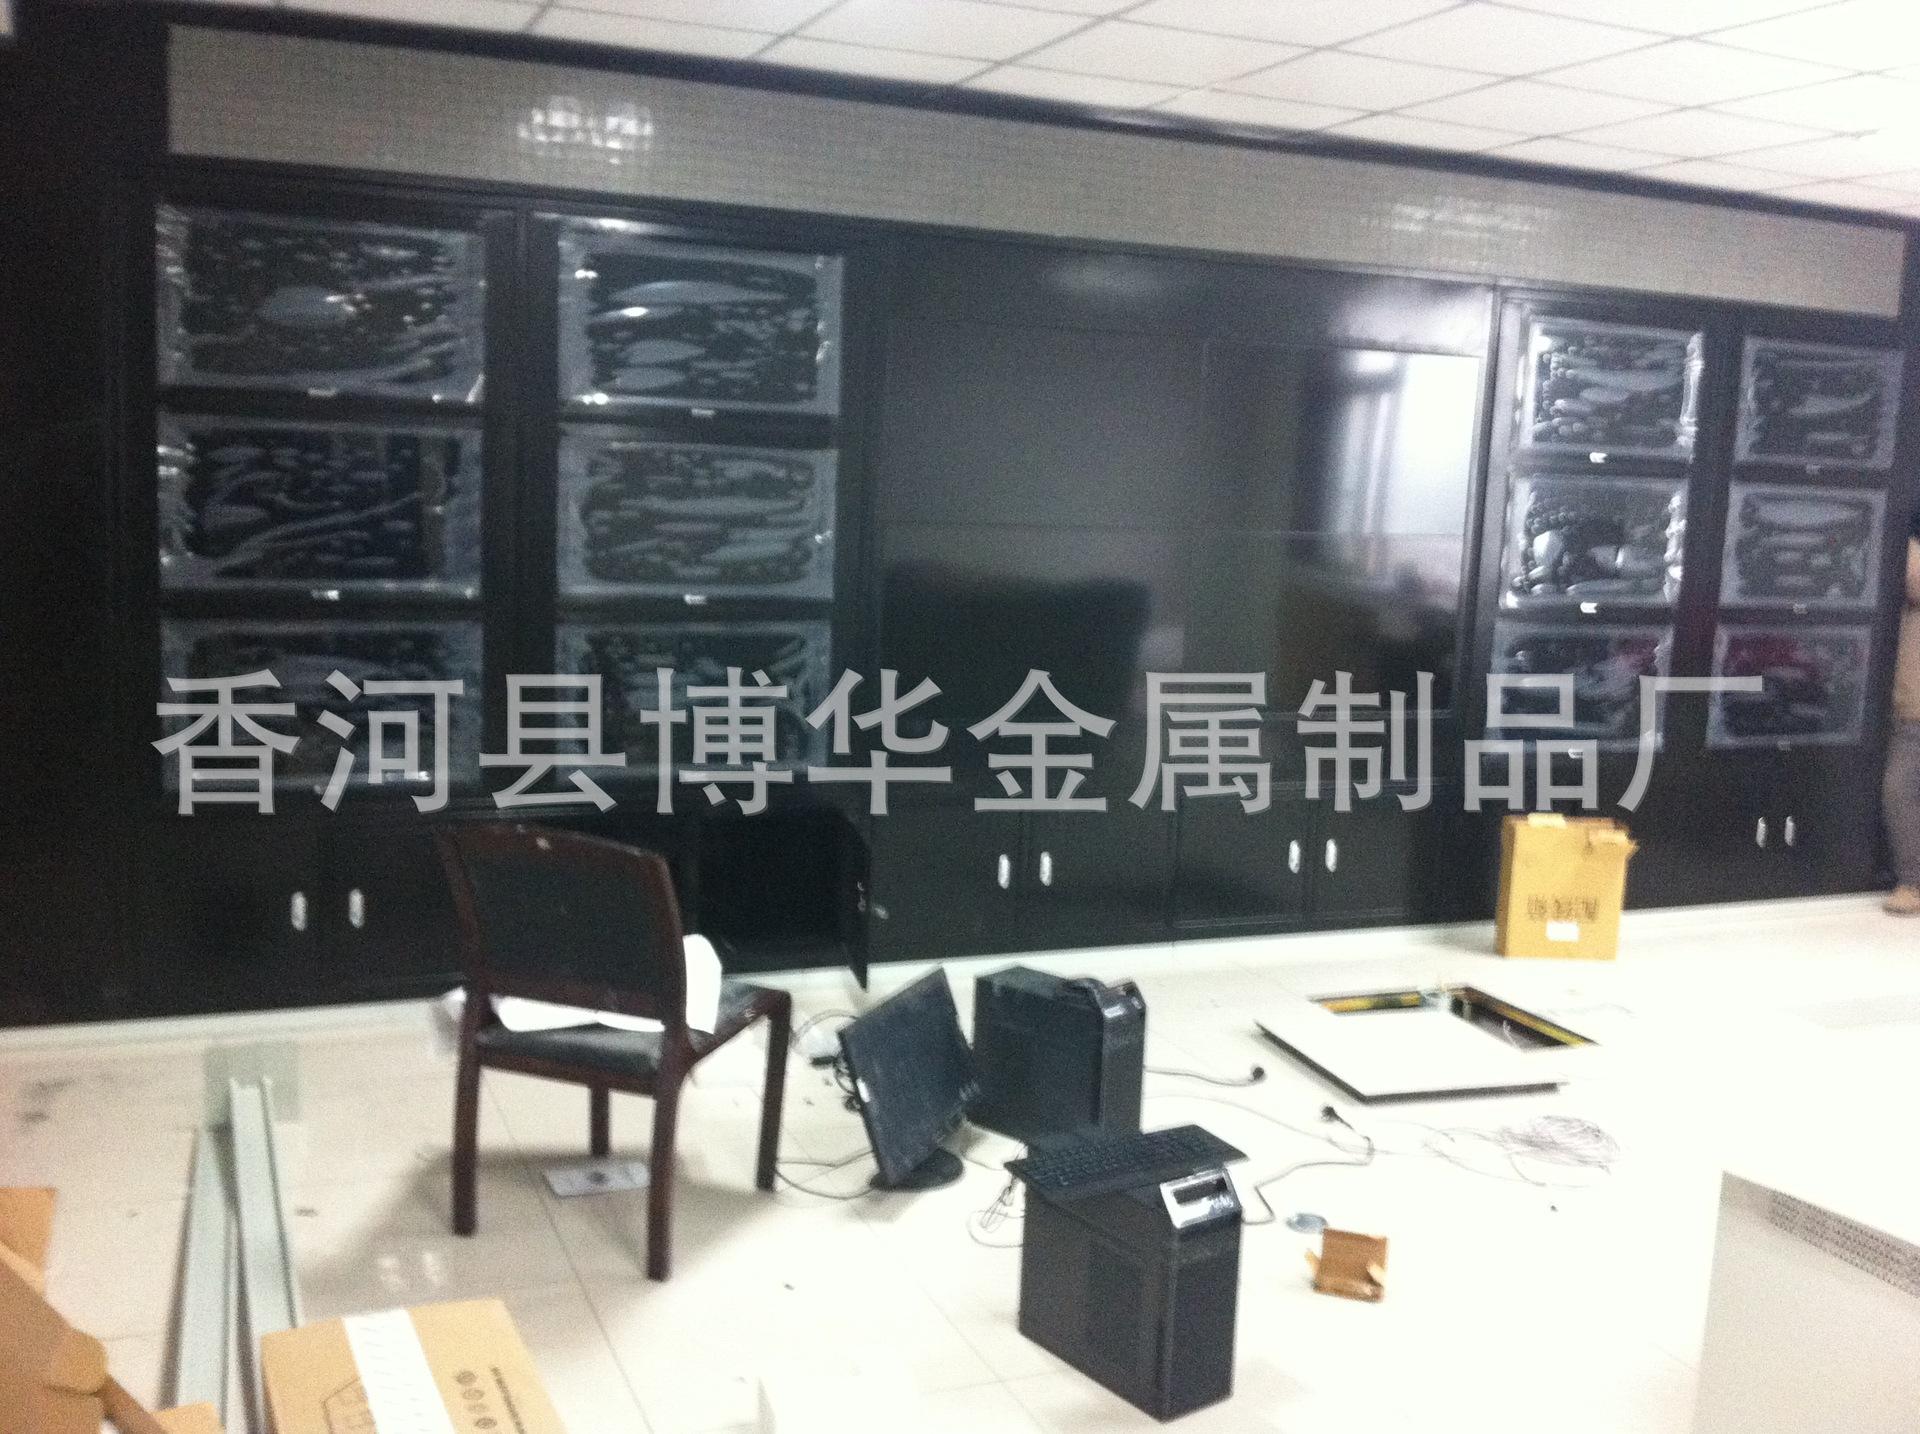 生产监控电视墙 监控电视墙厂家液晶监控电视墙